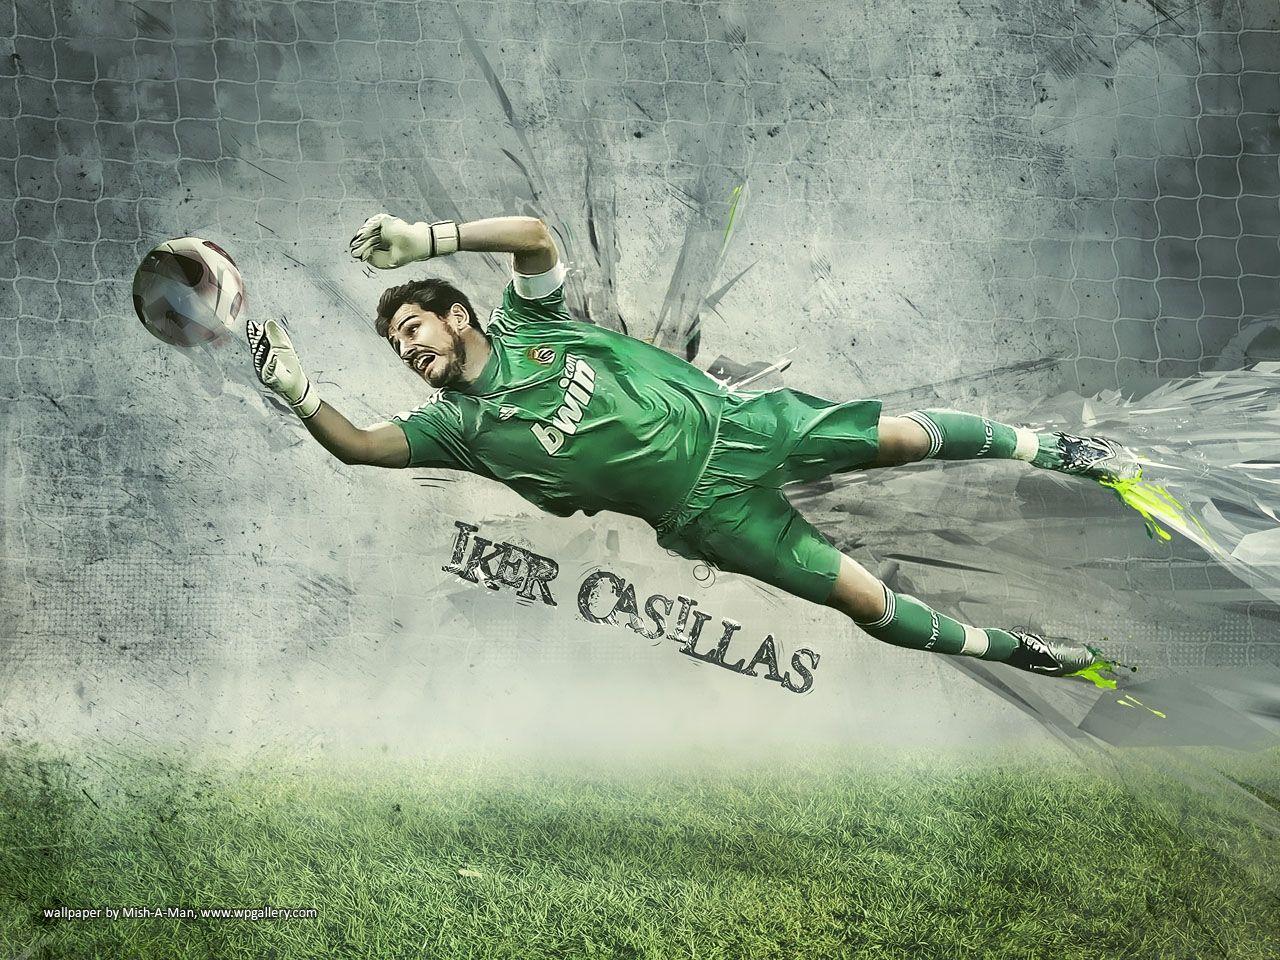 fotografias espectaculares del futbol - Buscar con Google